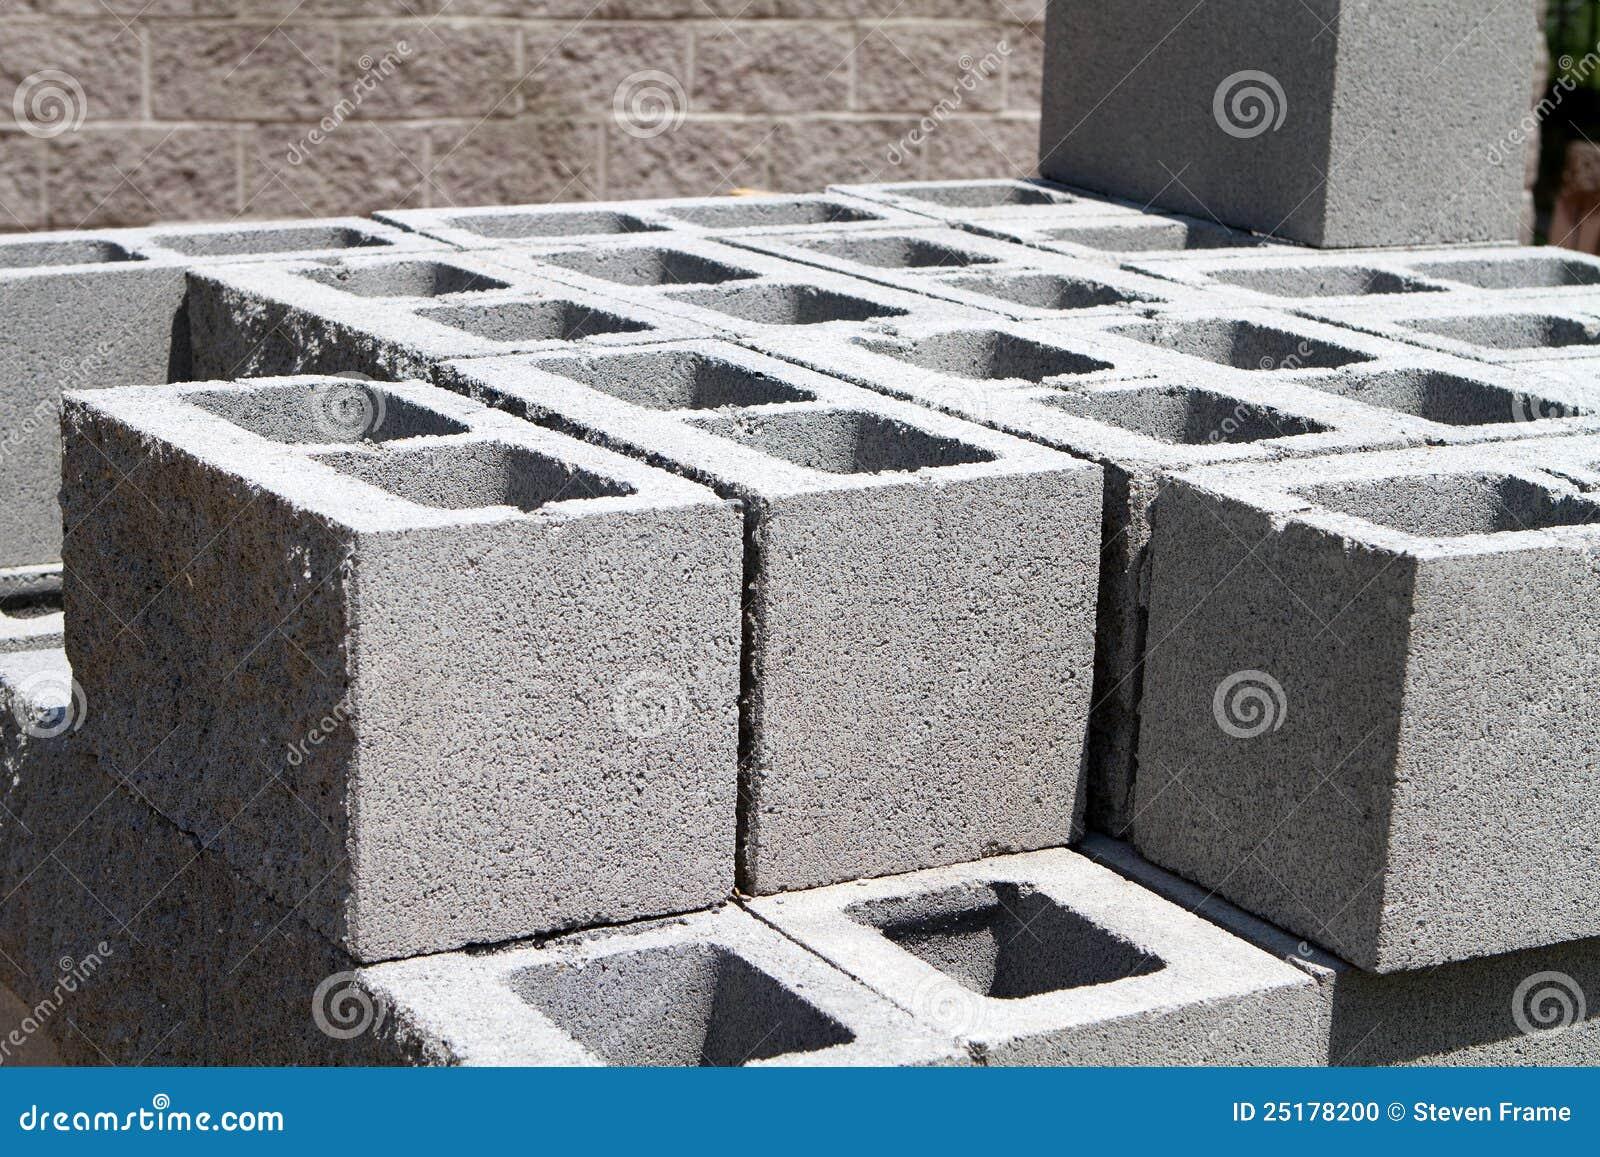 Architectural Concrete Blocks Stock Photo Image 25178200